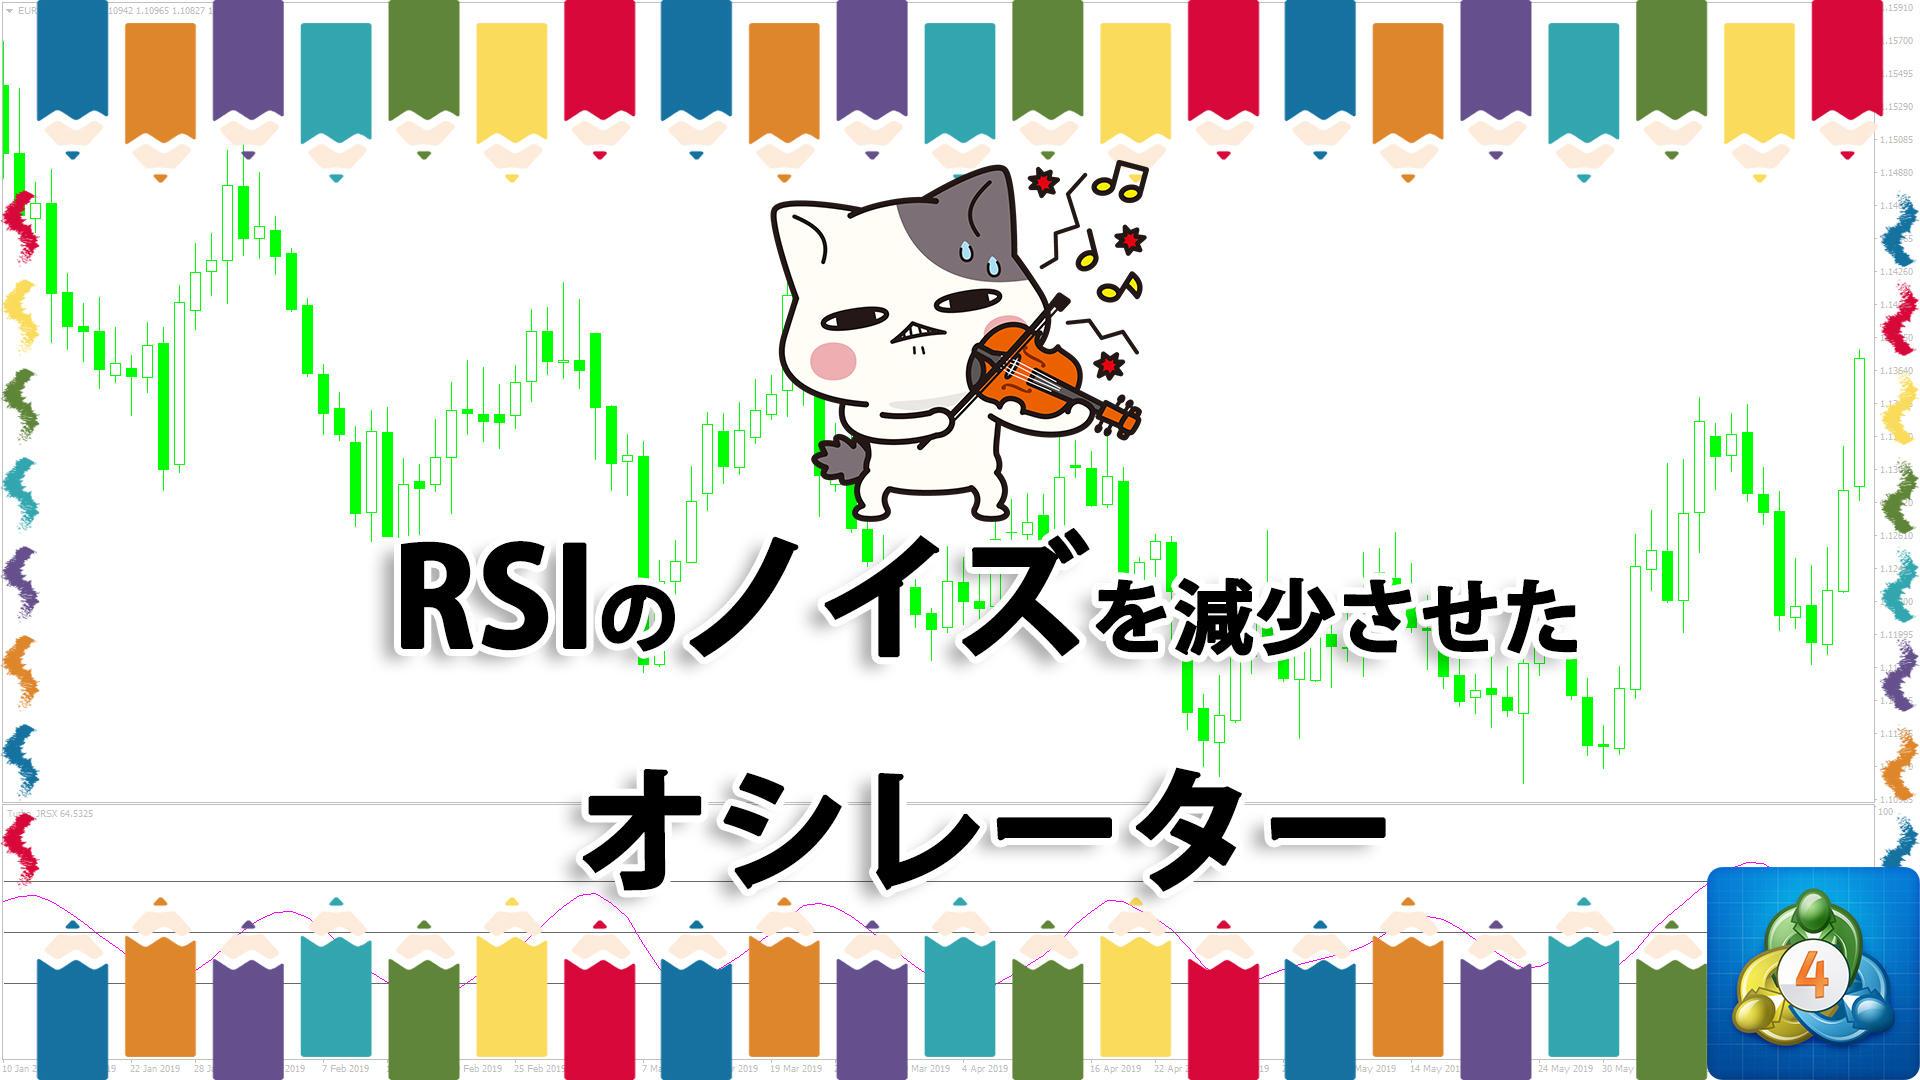 RSIのノイズを減少させたオシレーターを表示するMT4インジケーター「Turbo_JRSX」